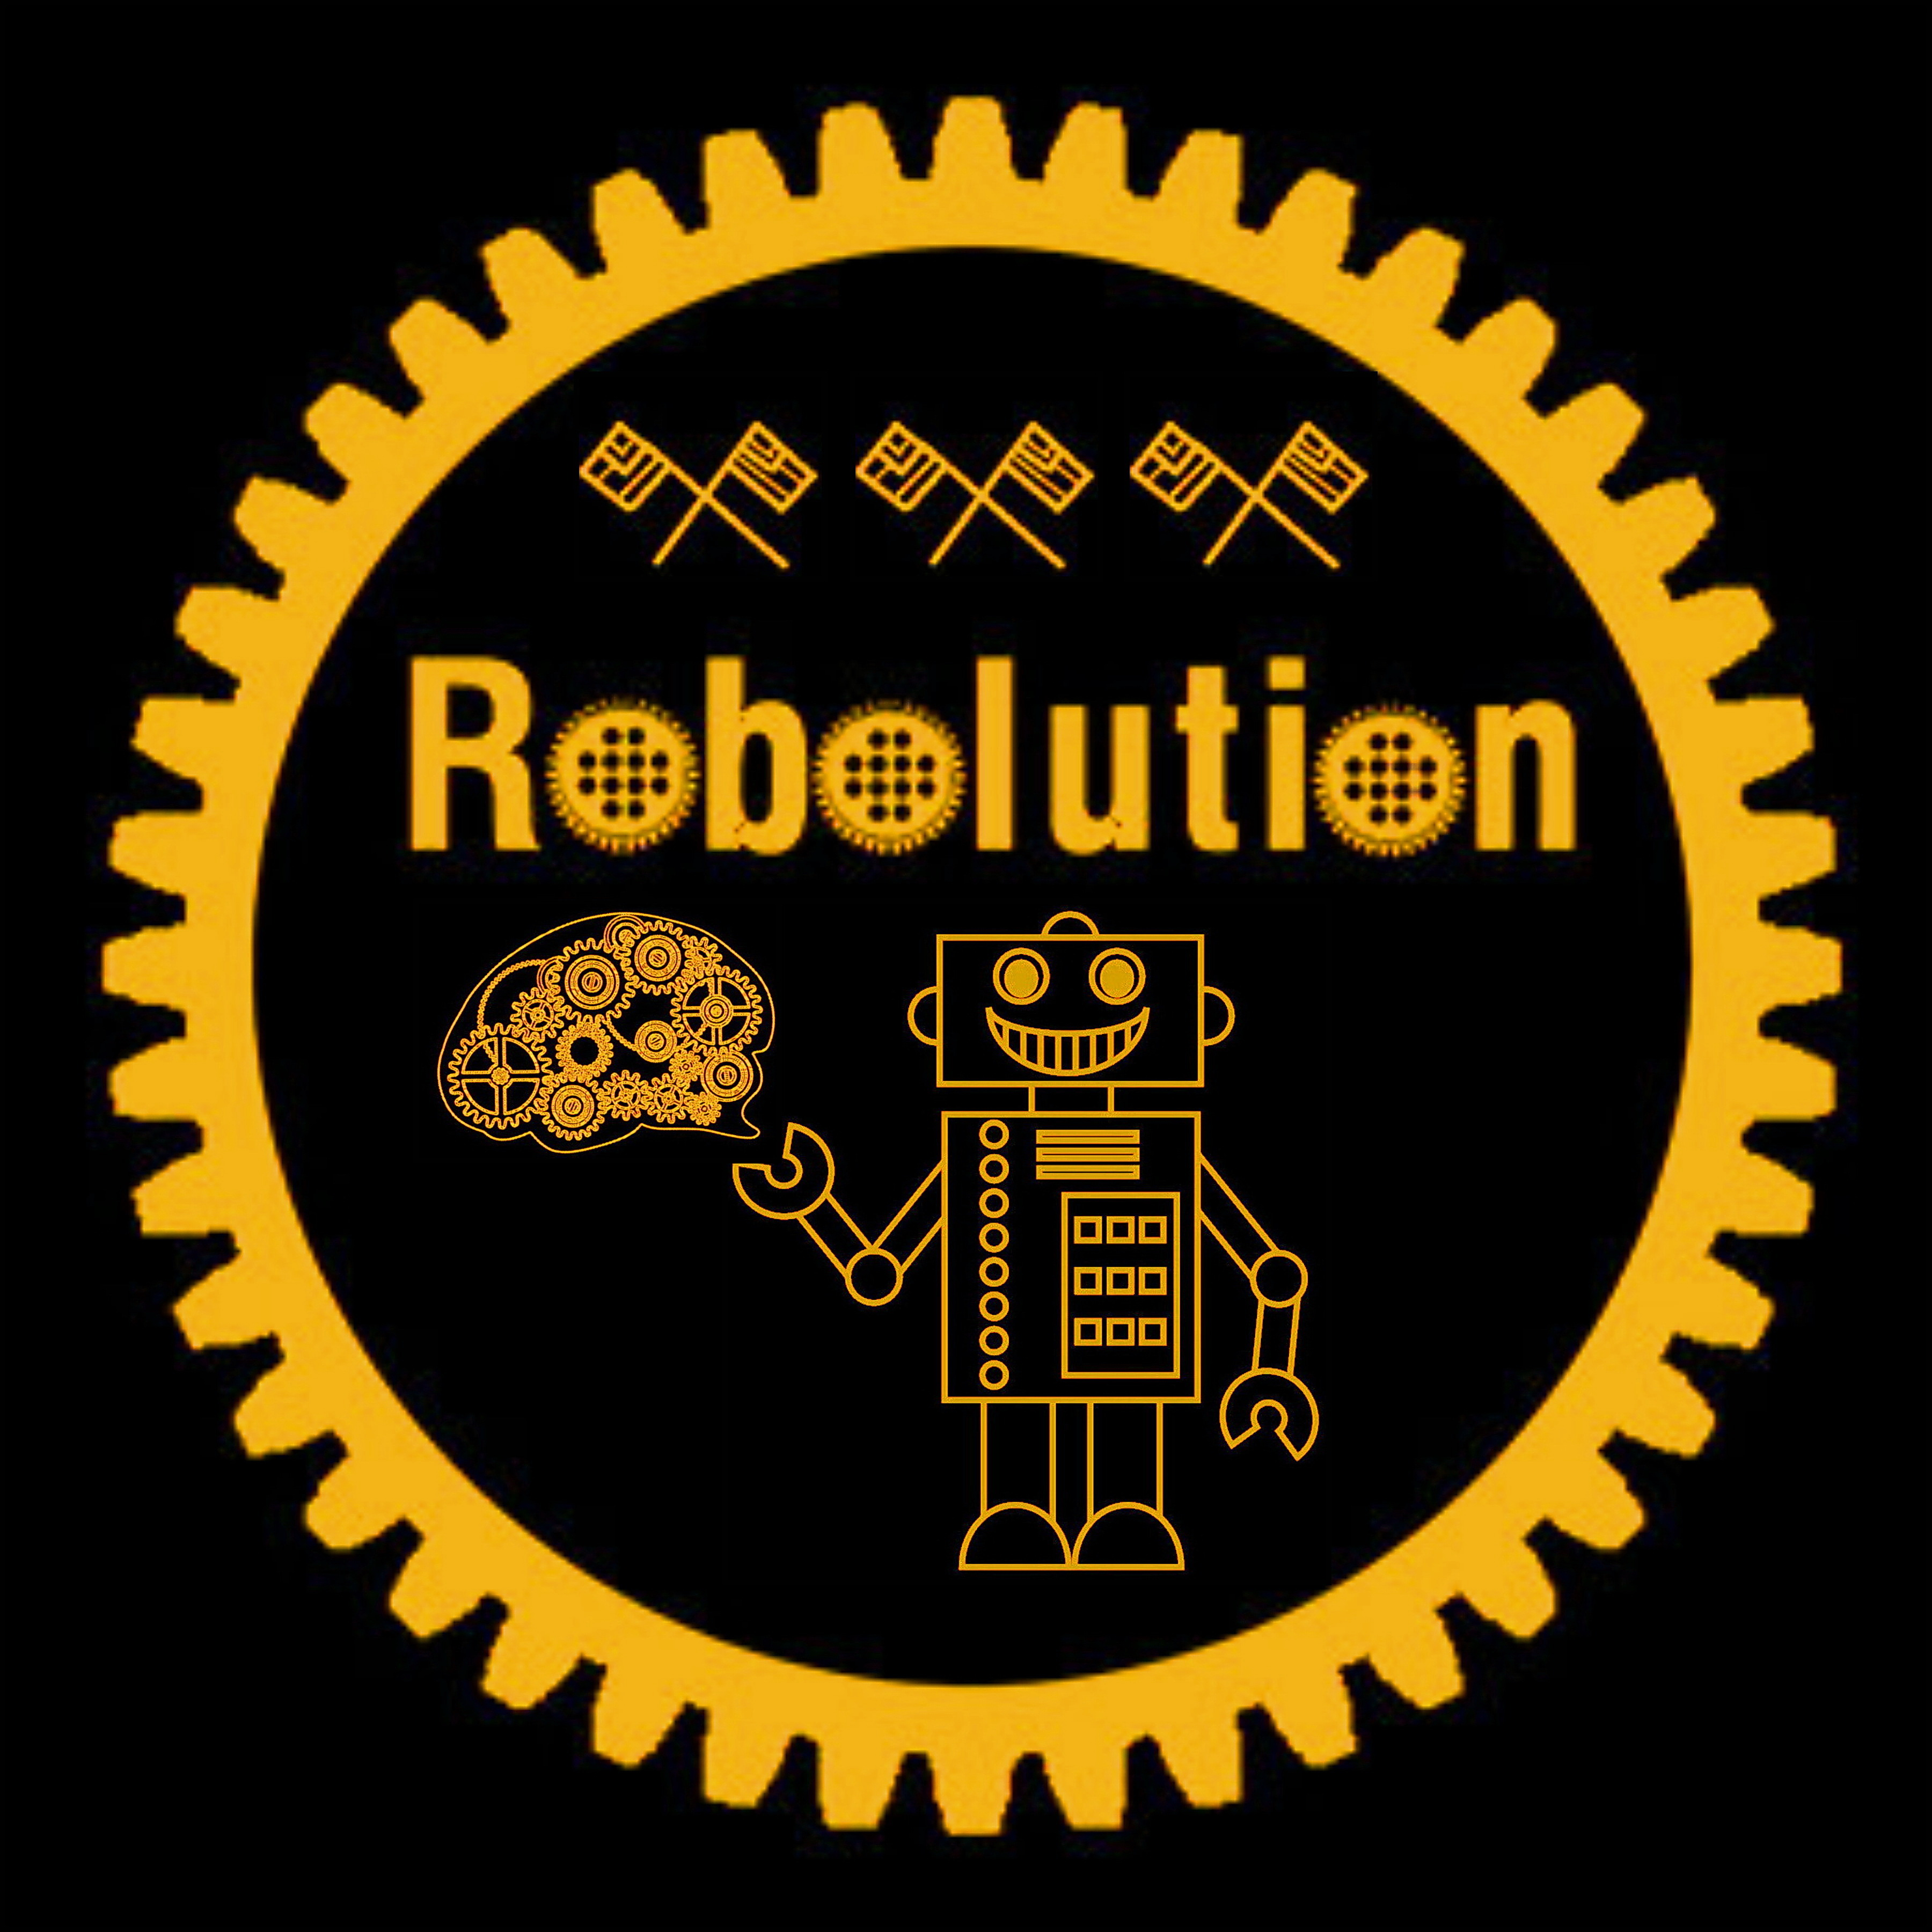 Fll Team Robolution